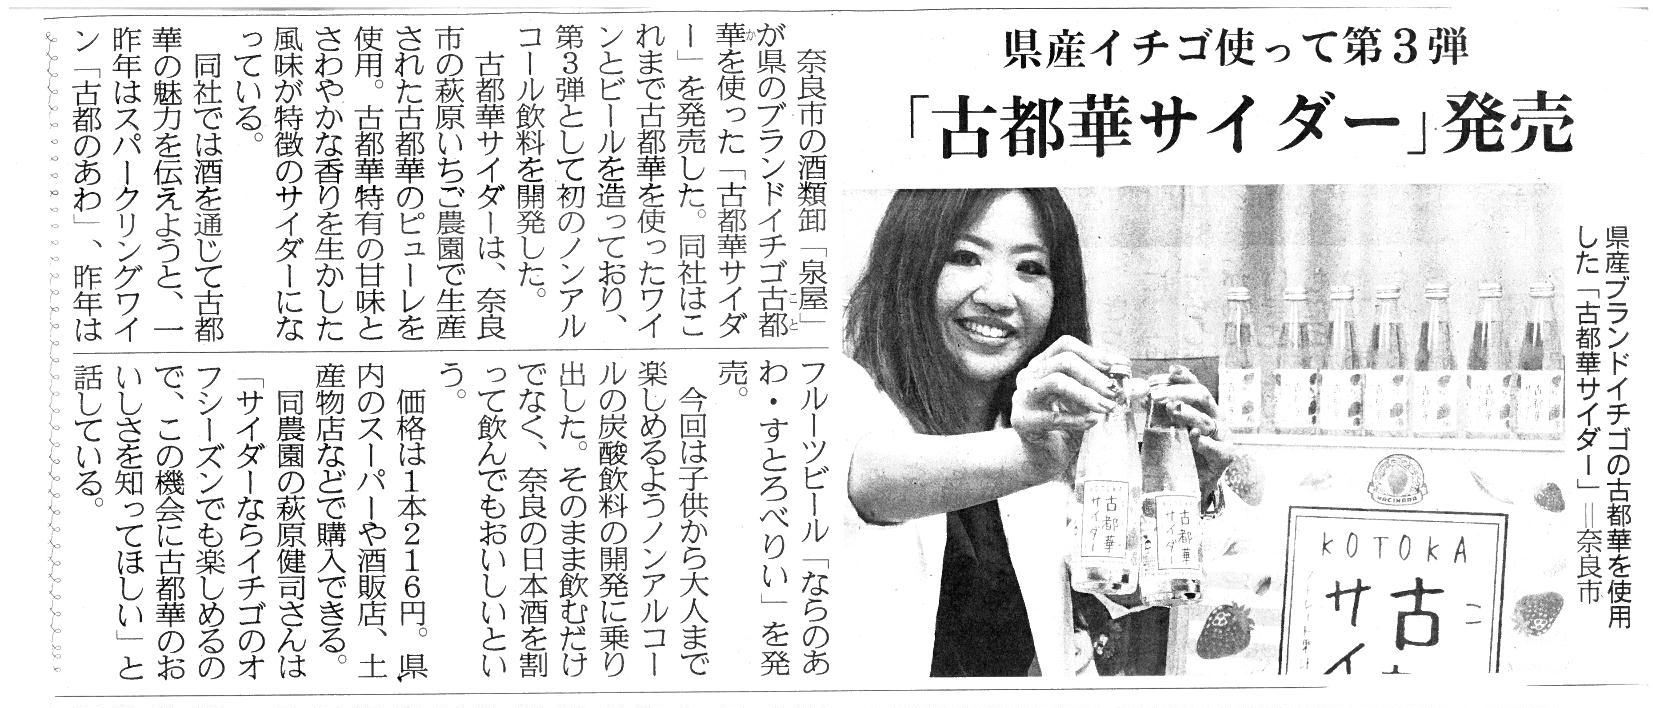 産経新聞で『古都華サイダー』が紹介されました!